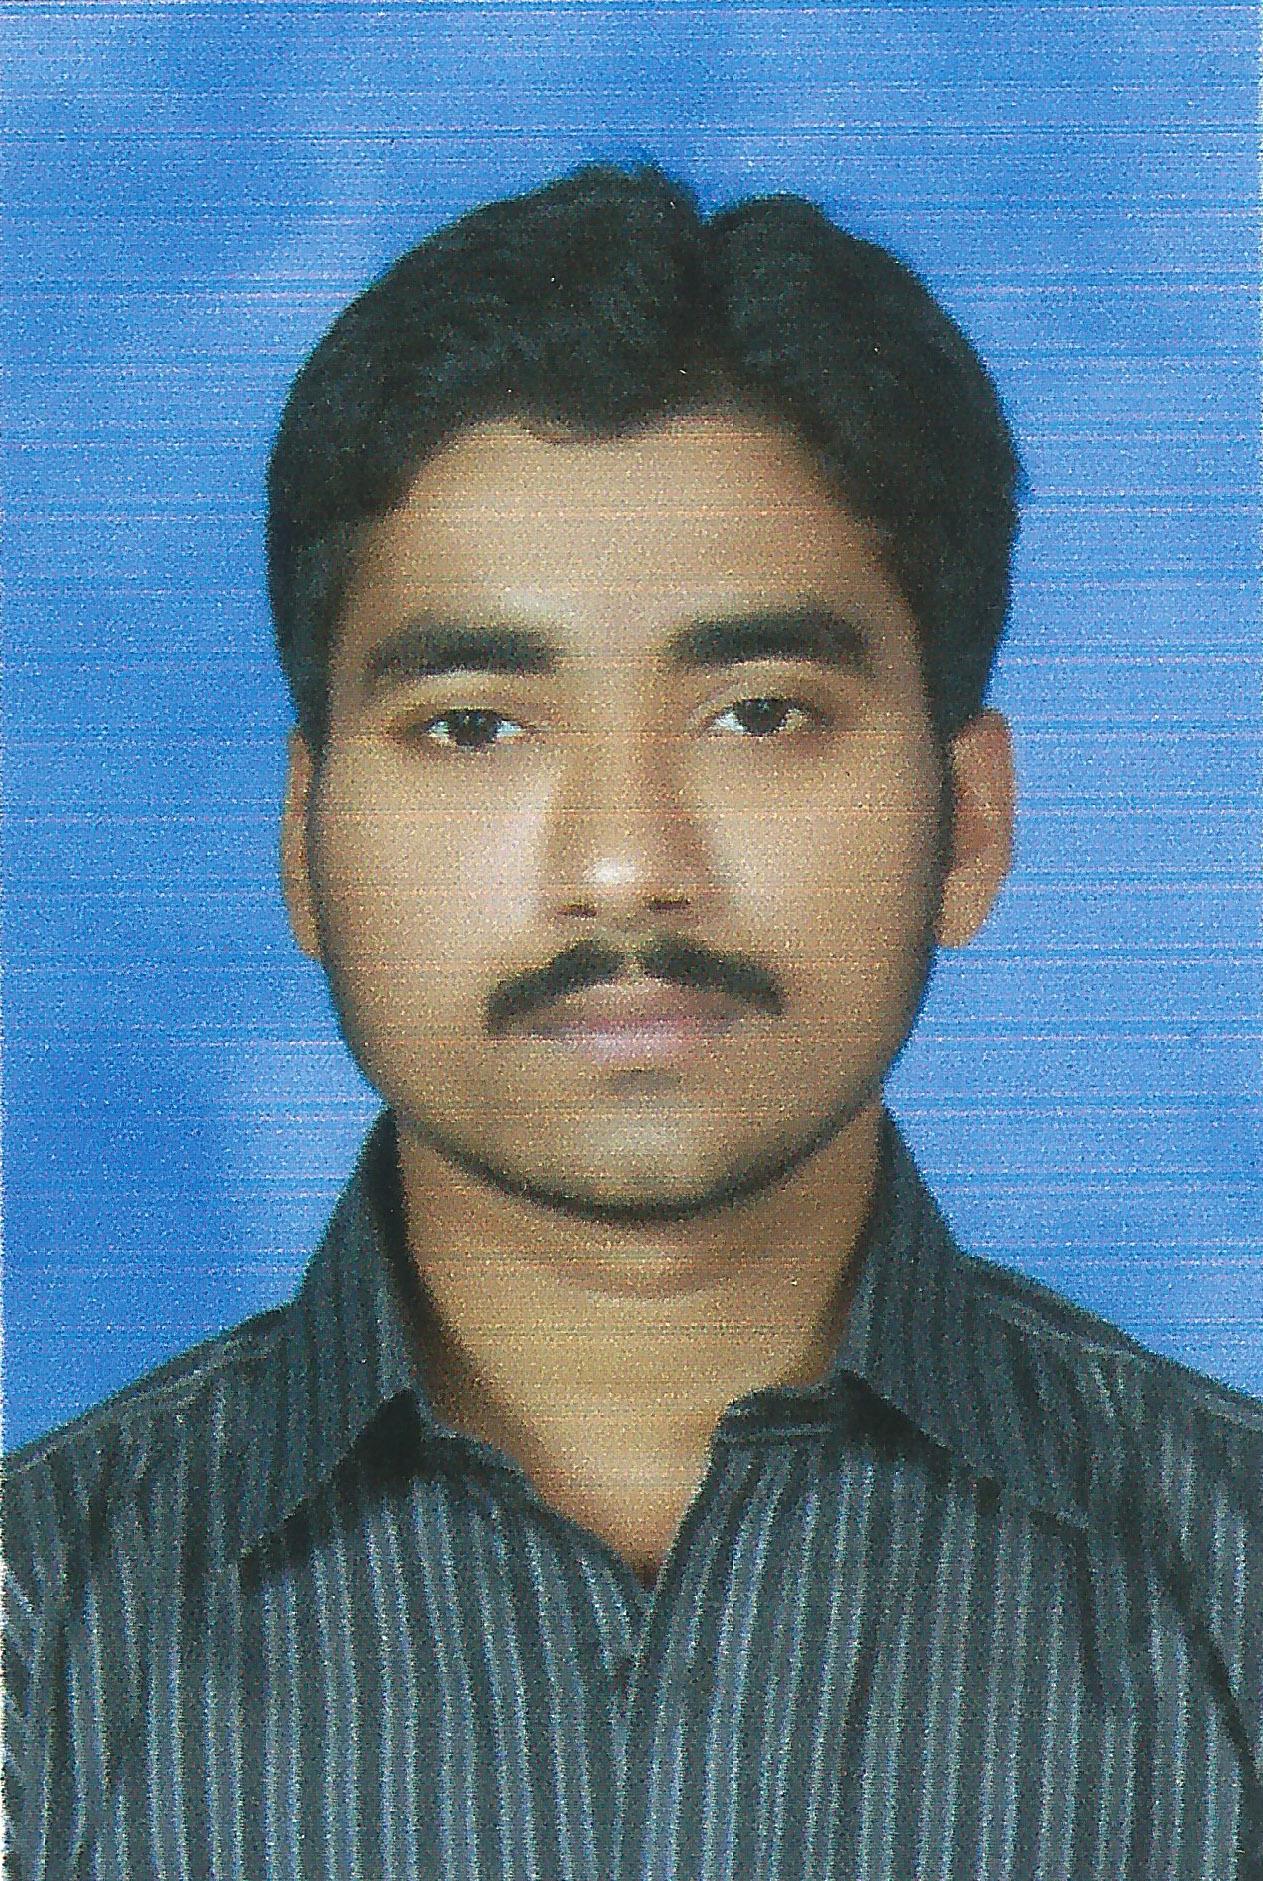 Faiez Khan Photoshop, Electronics, Electricians, Air Conditioning